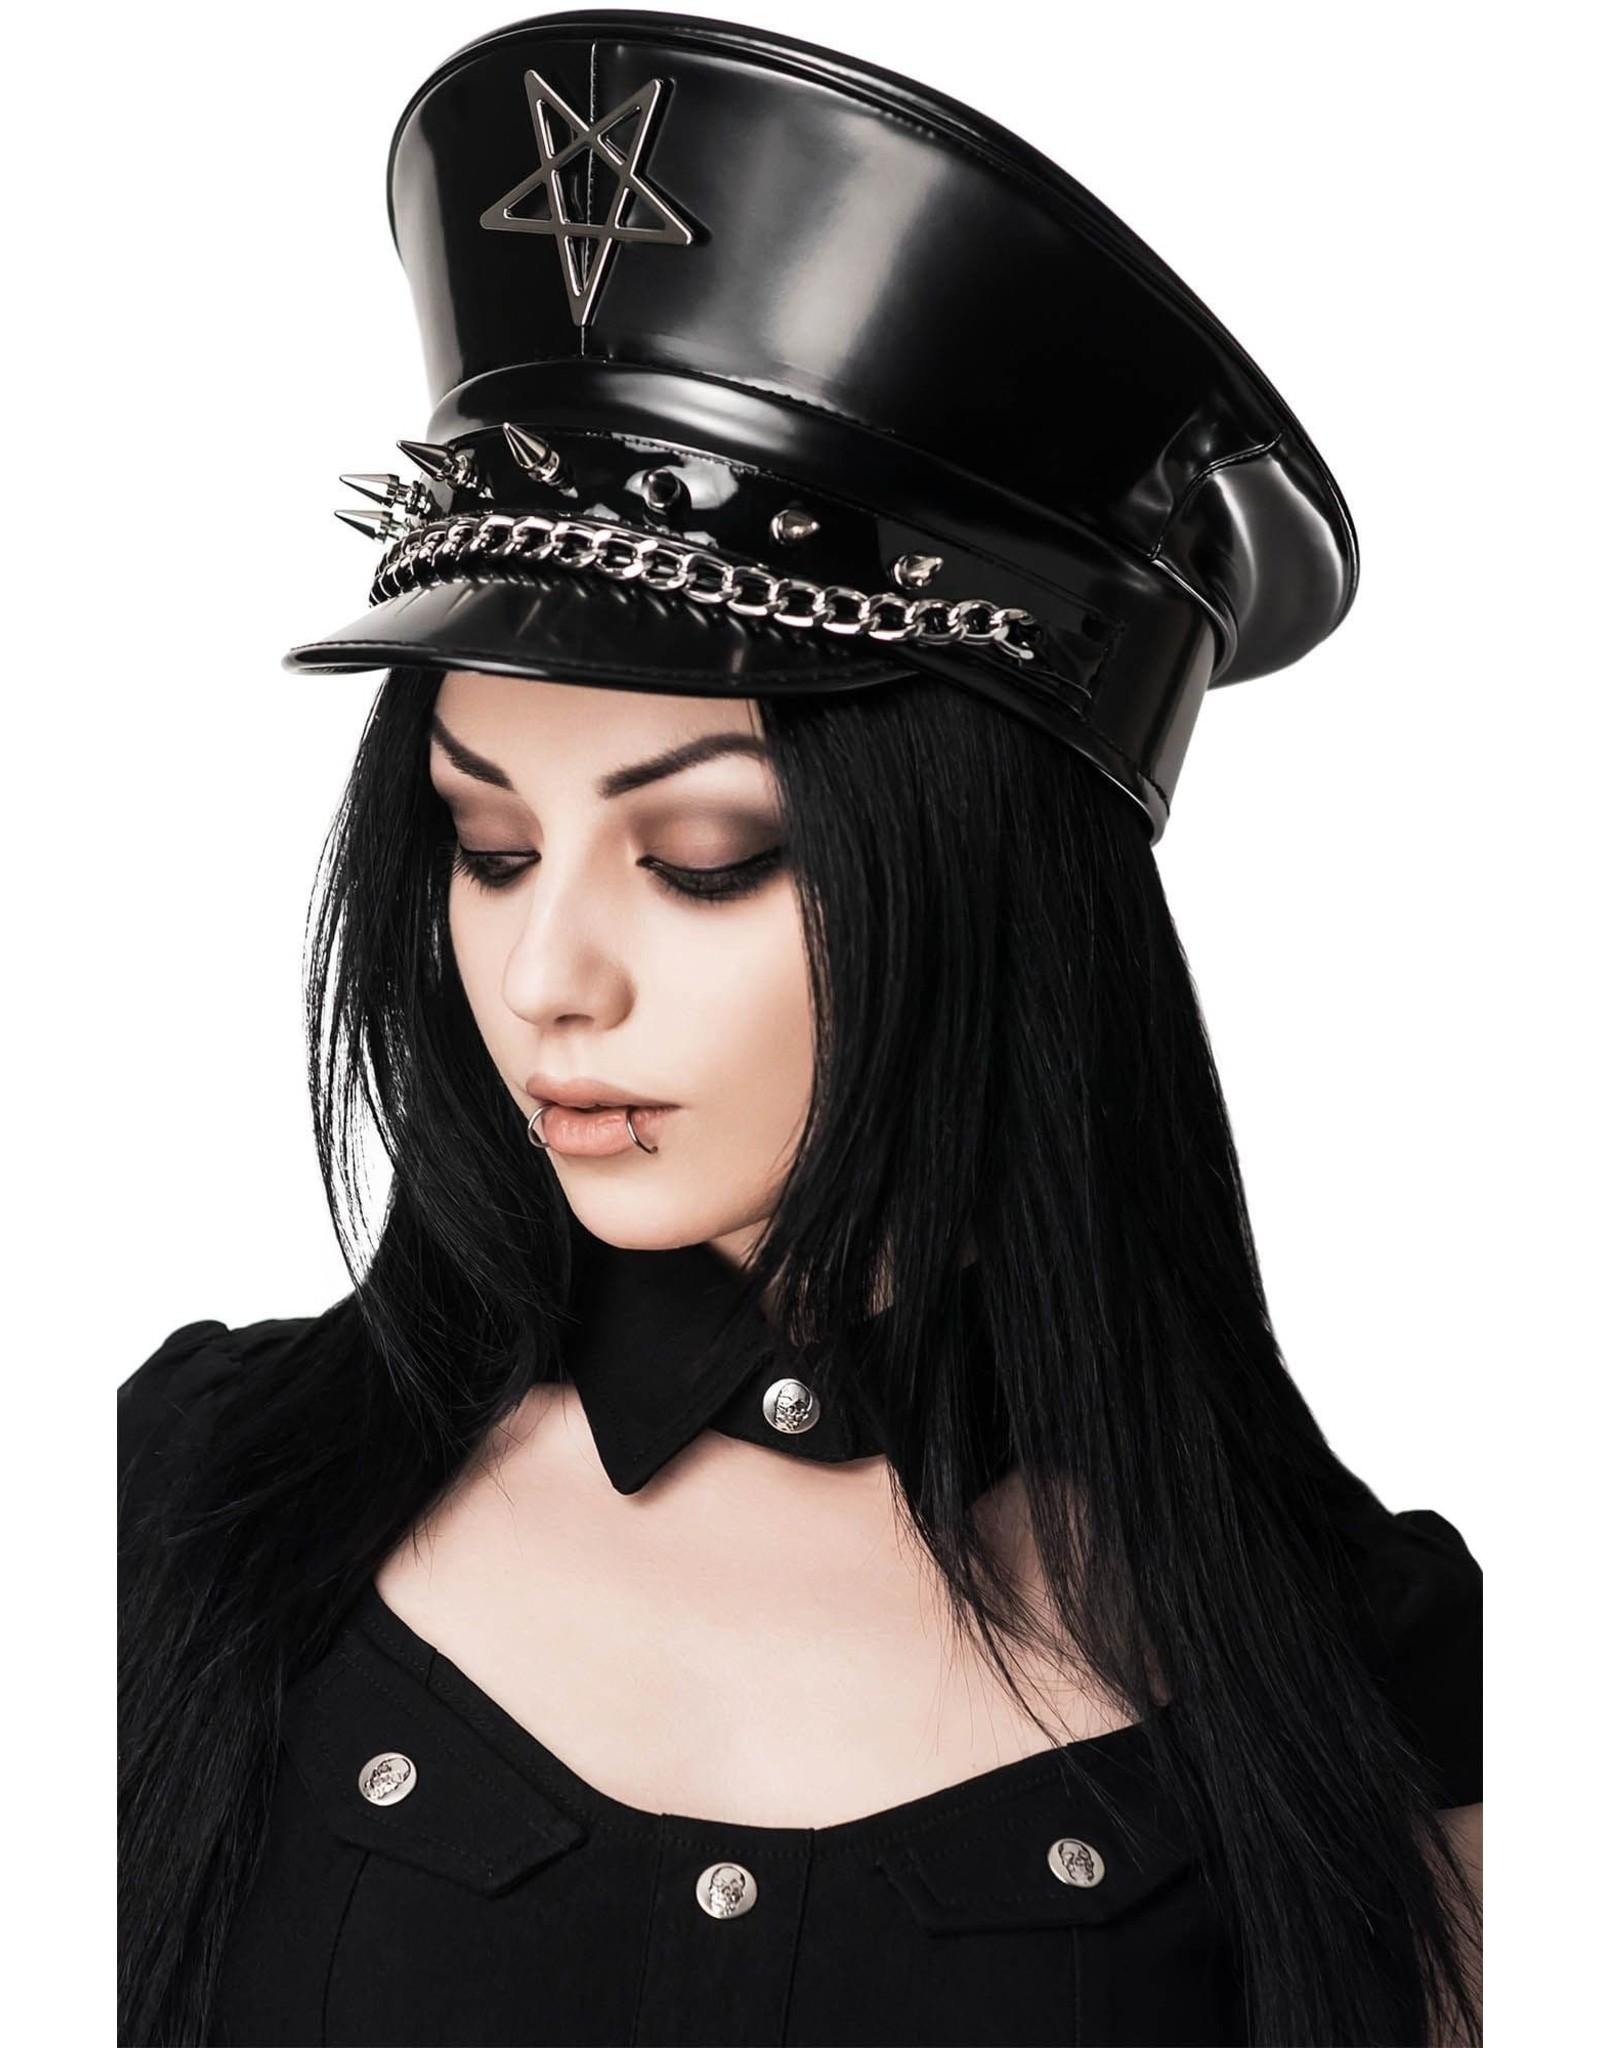 Killstar Gothic and Steampunk accessories -  Division SIXX Cap - KillStar